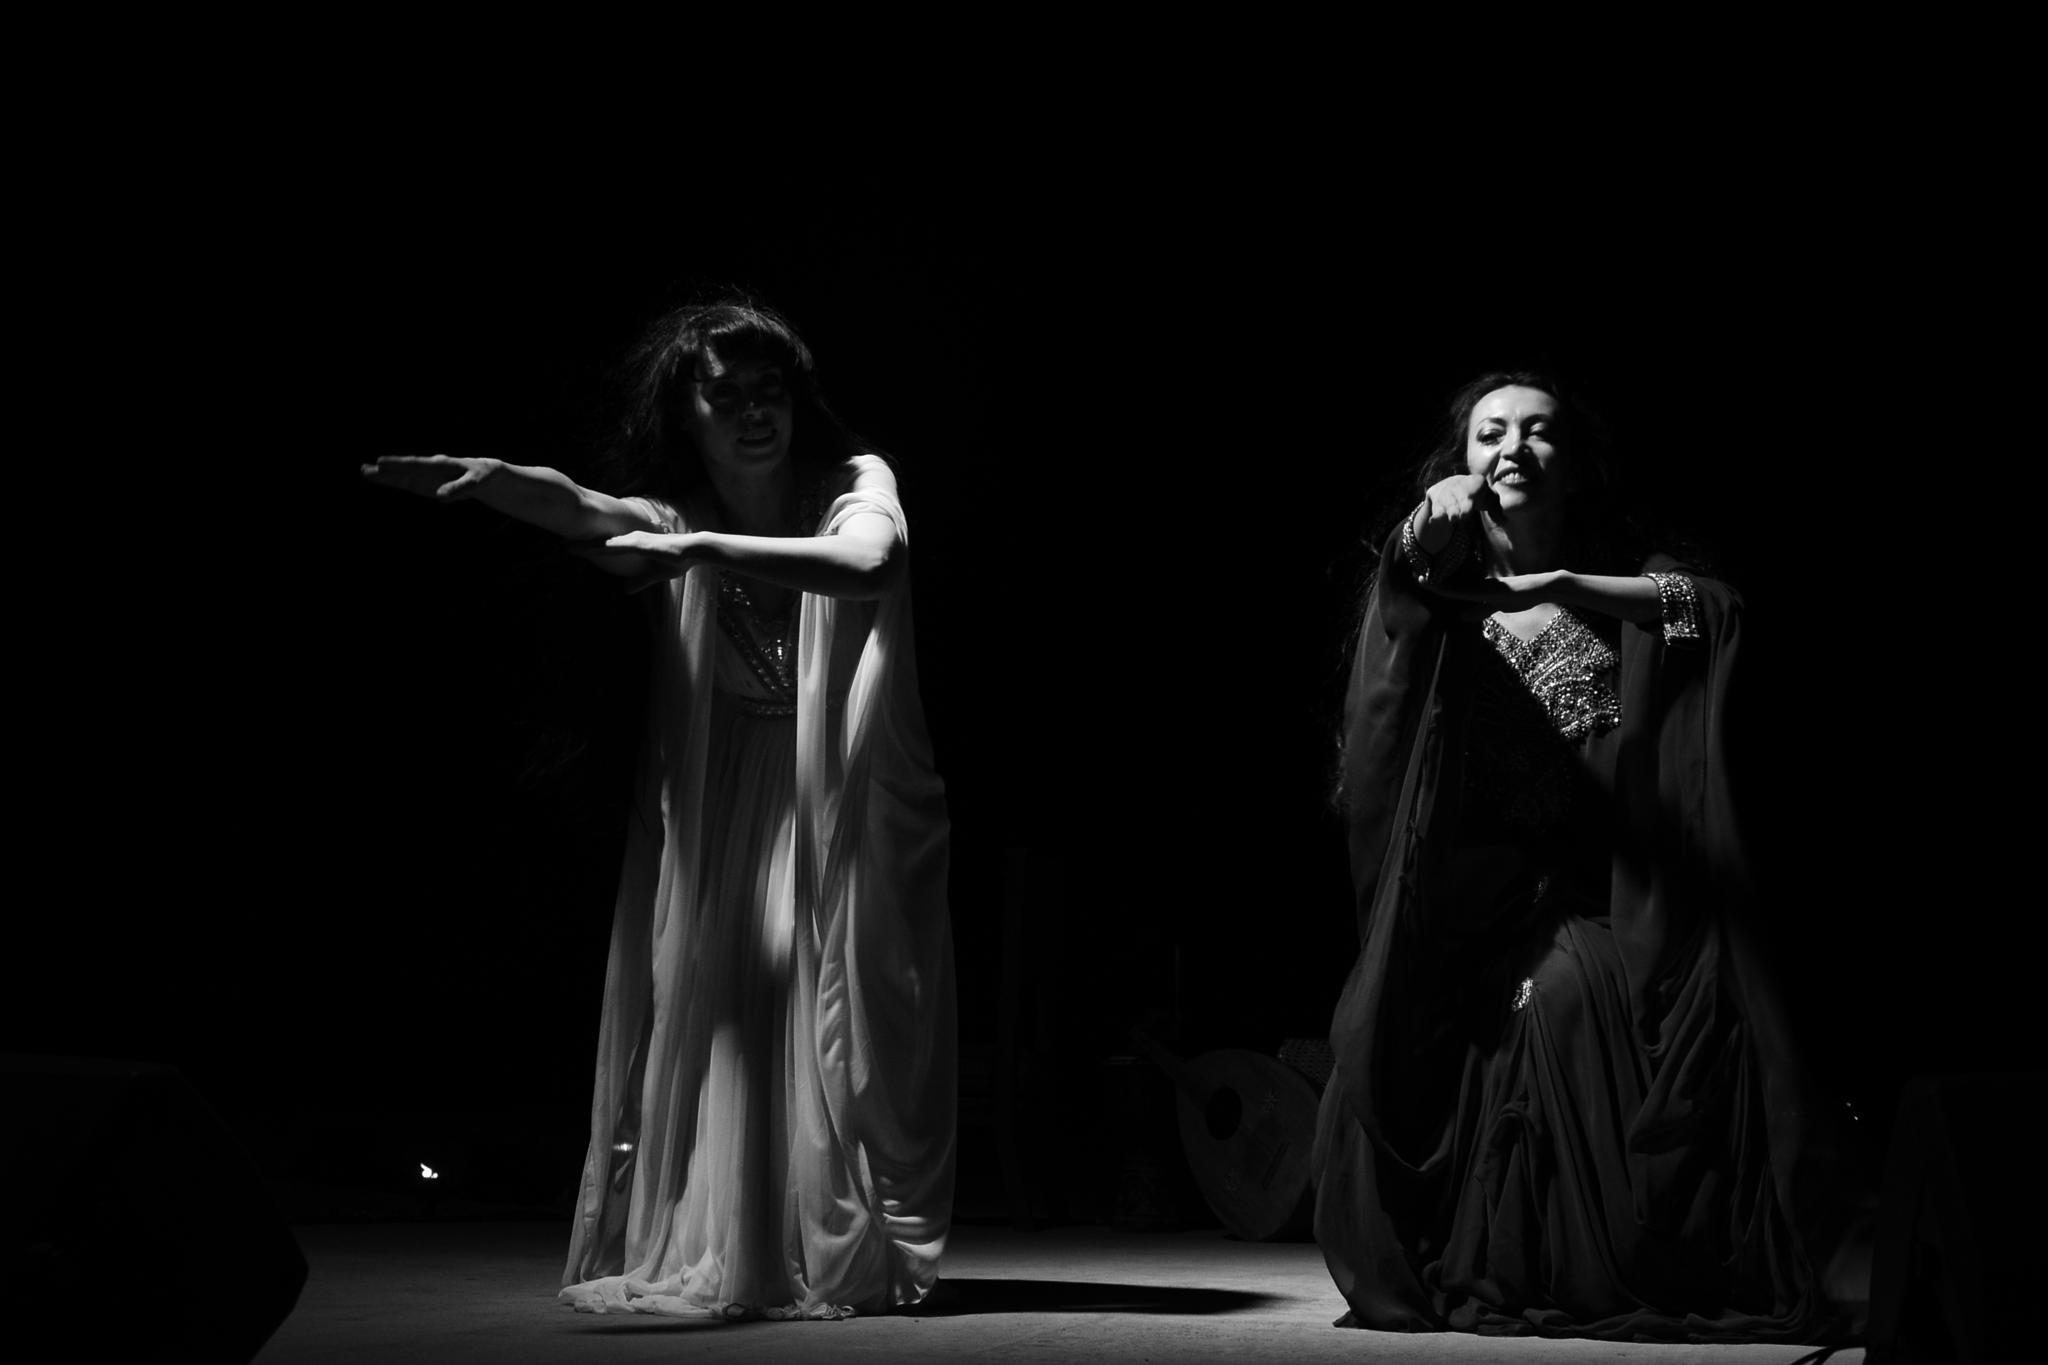 Dancing by Joeford Furio